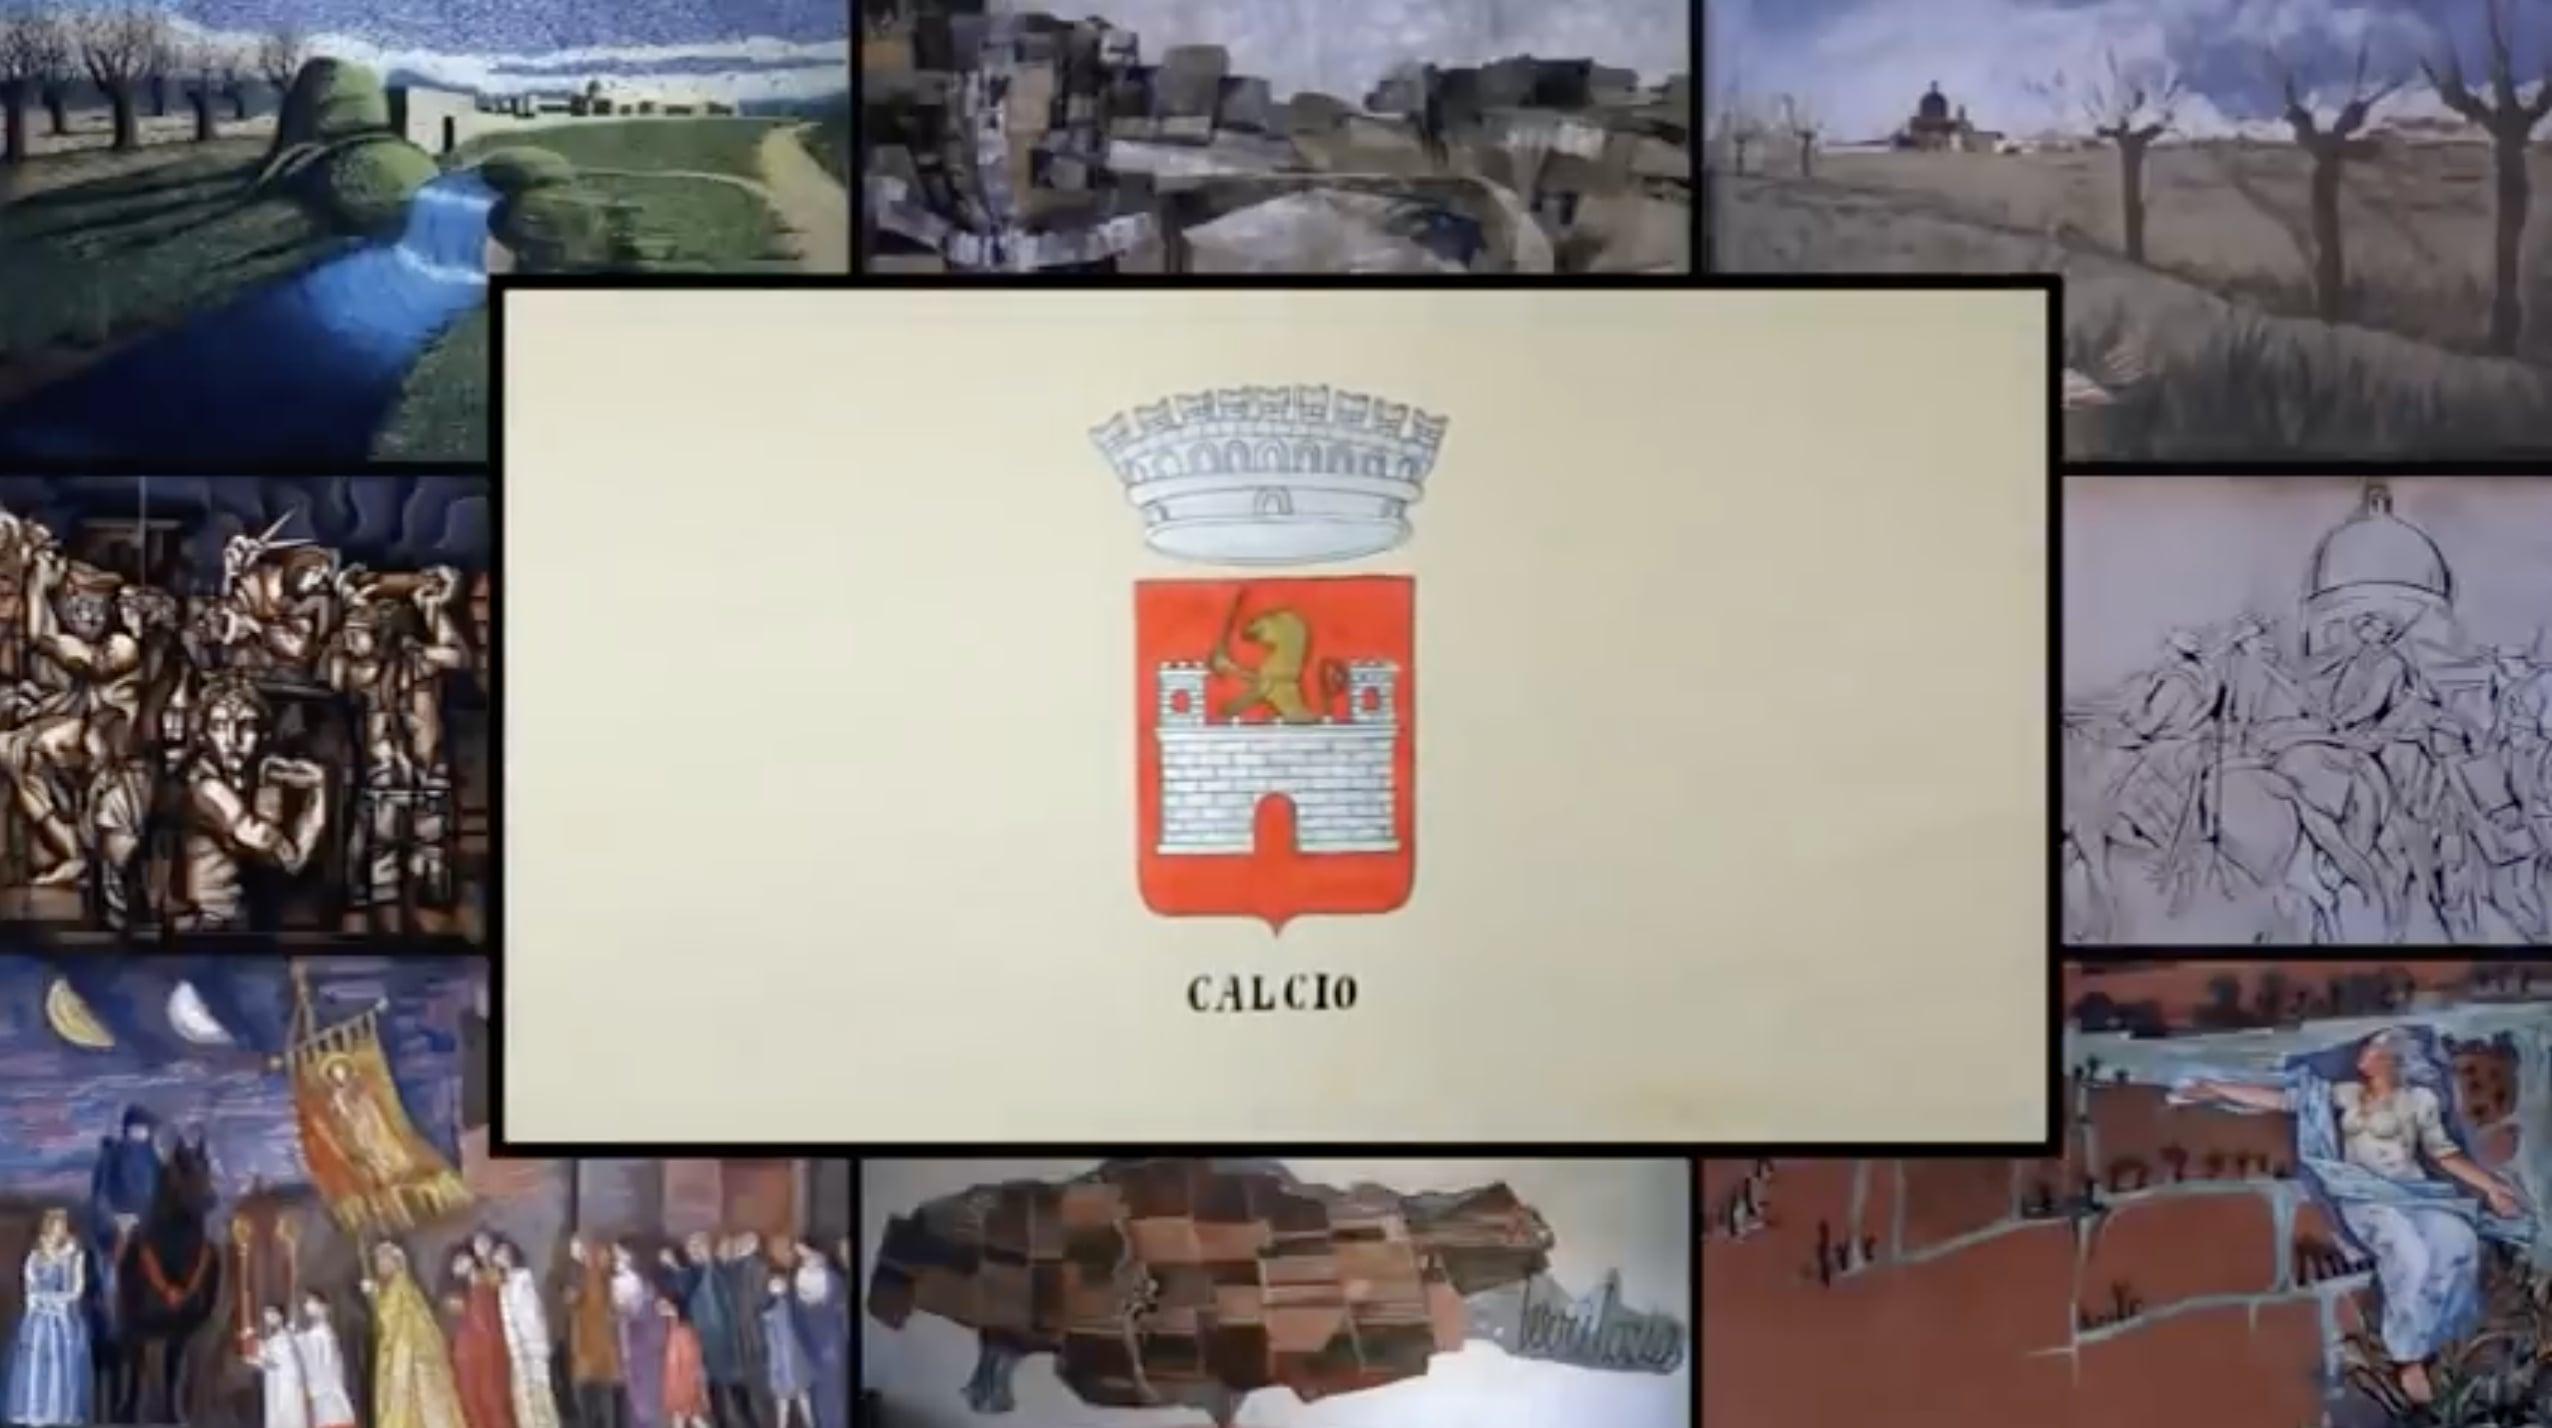 """CALCIO, il paese """"dipinto"""",  risponde alla crisi del turismo internazionale  e della cultura, con l'arte di strada   e le opere murali degli illustratori senza tempo."""